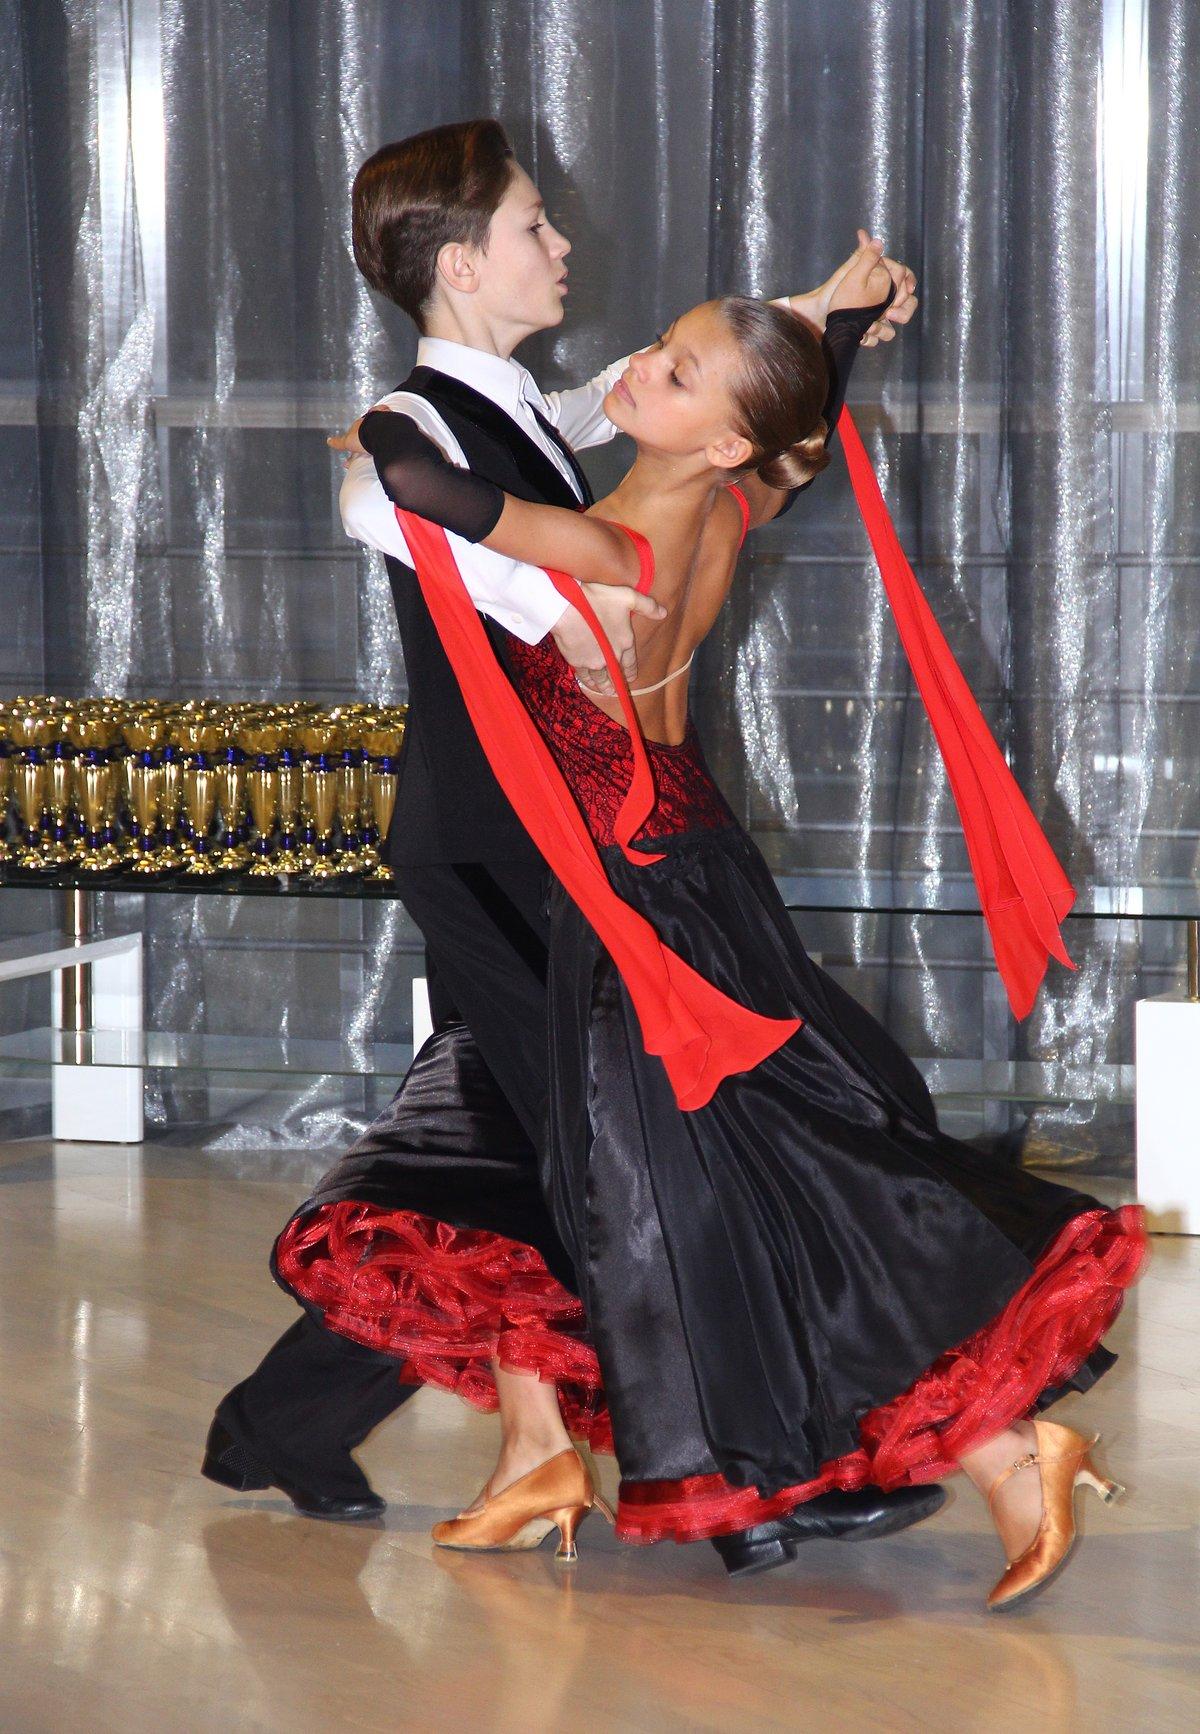 медленный вальс картинка танца